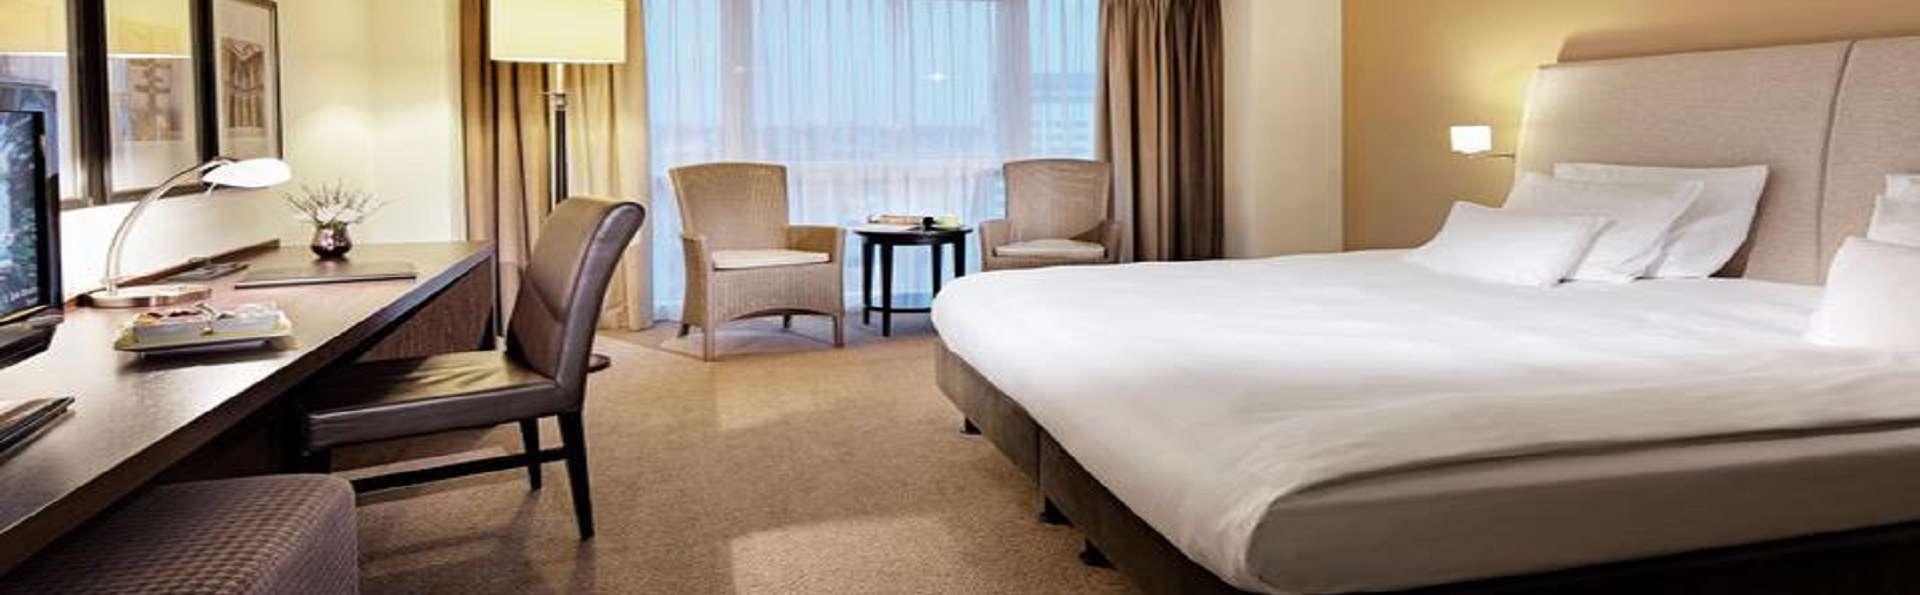 Lindner WTC Hotel & City Lounge Antwerp - lind2.jpg